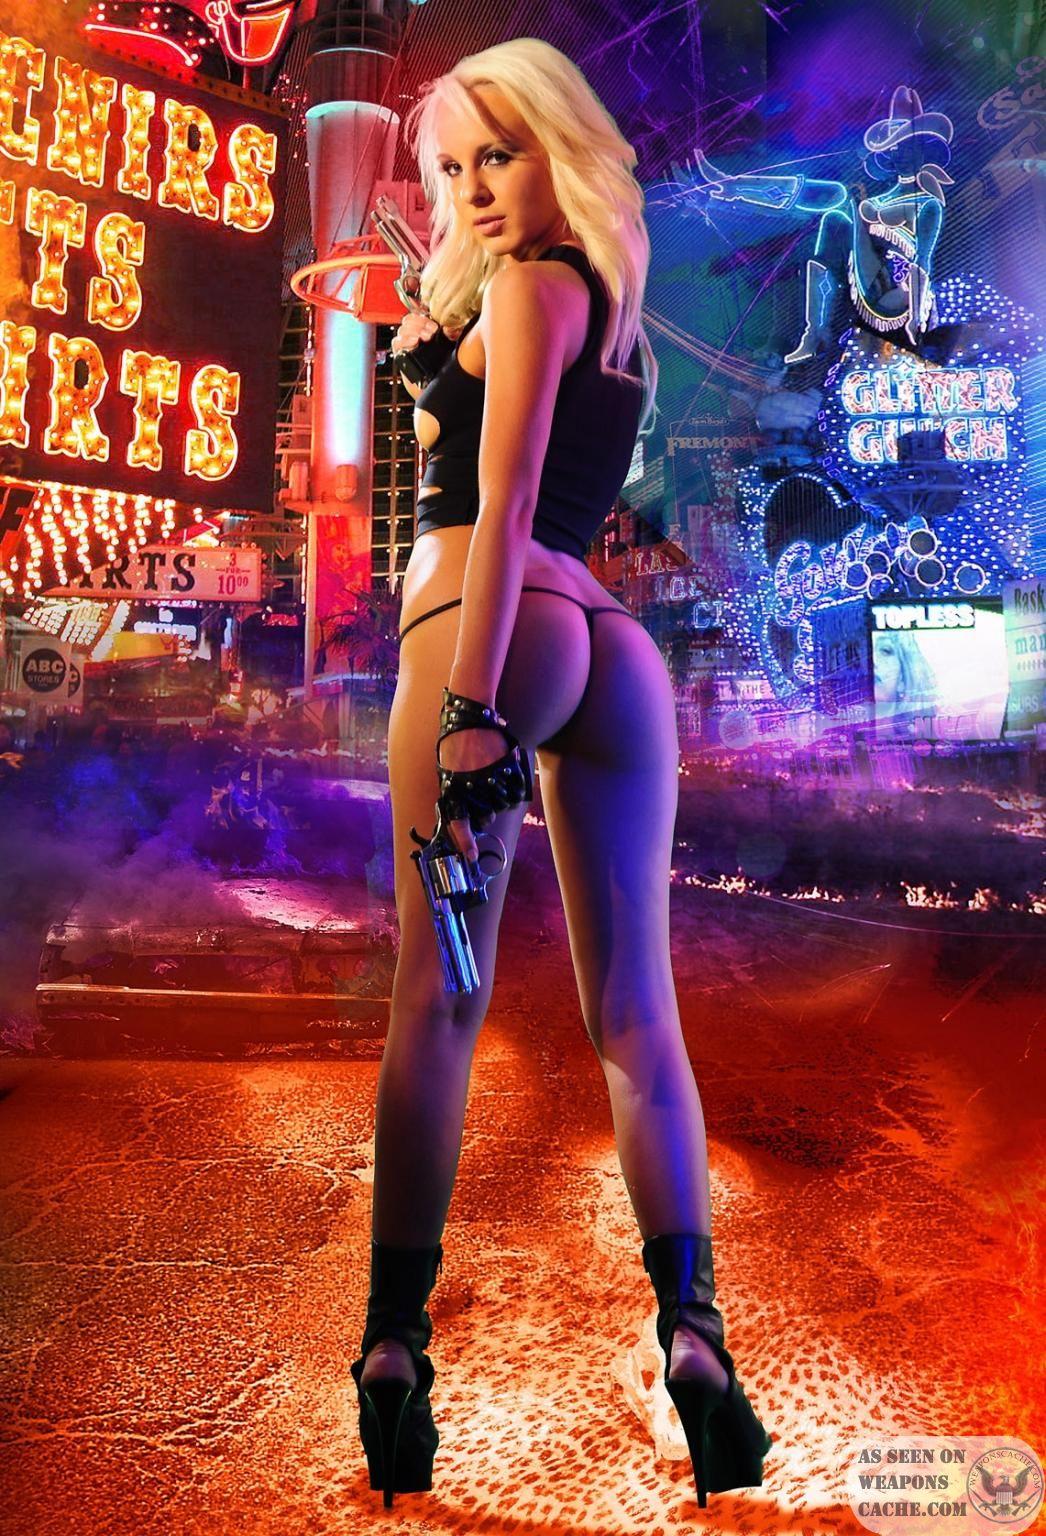 sexy girl with gun wallpaper, сексуальная девушка с пистолетом, скачать фото, обои для рабочего стола